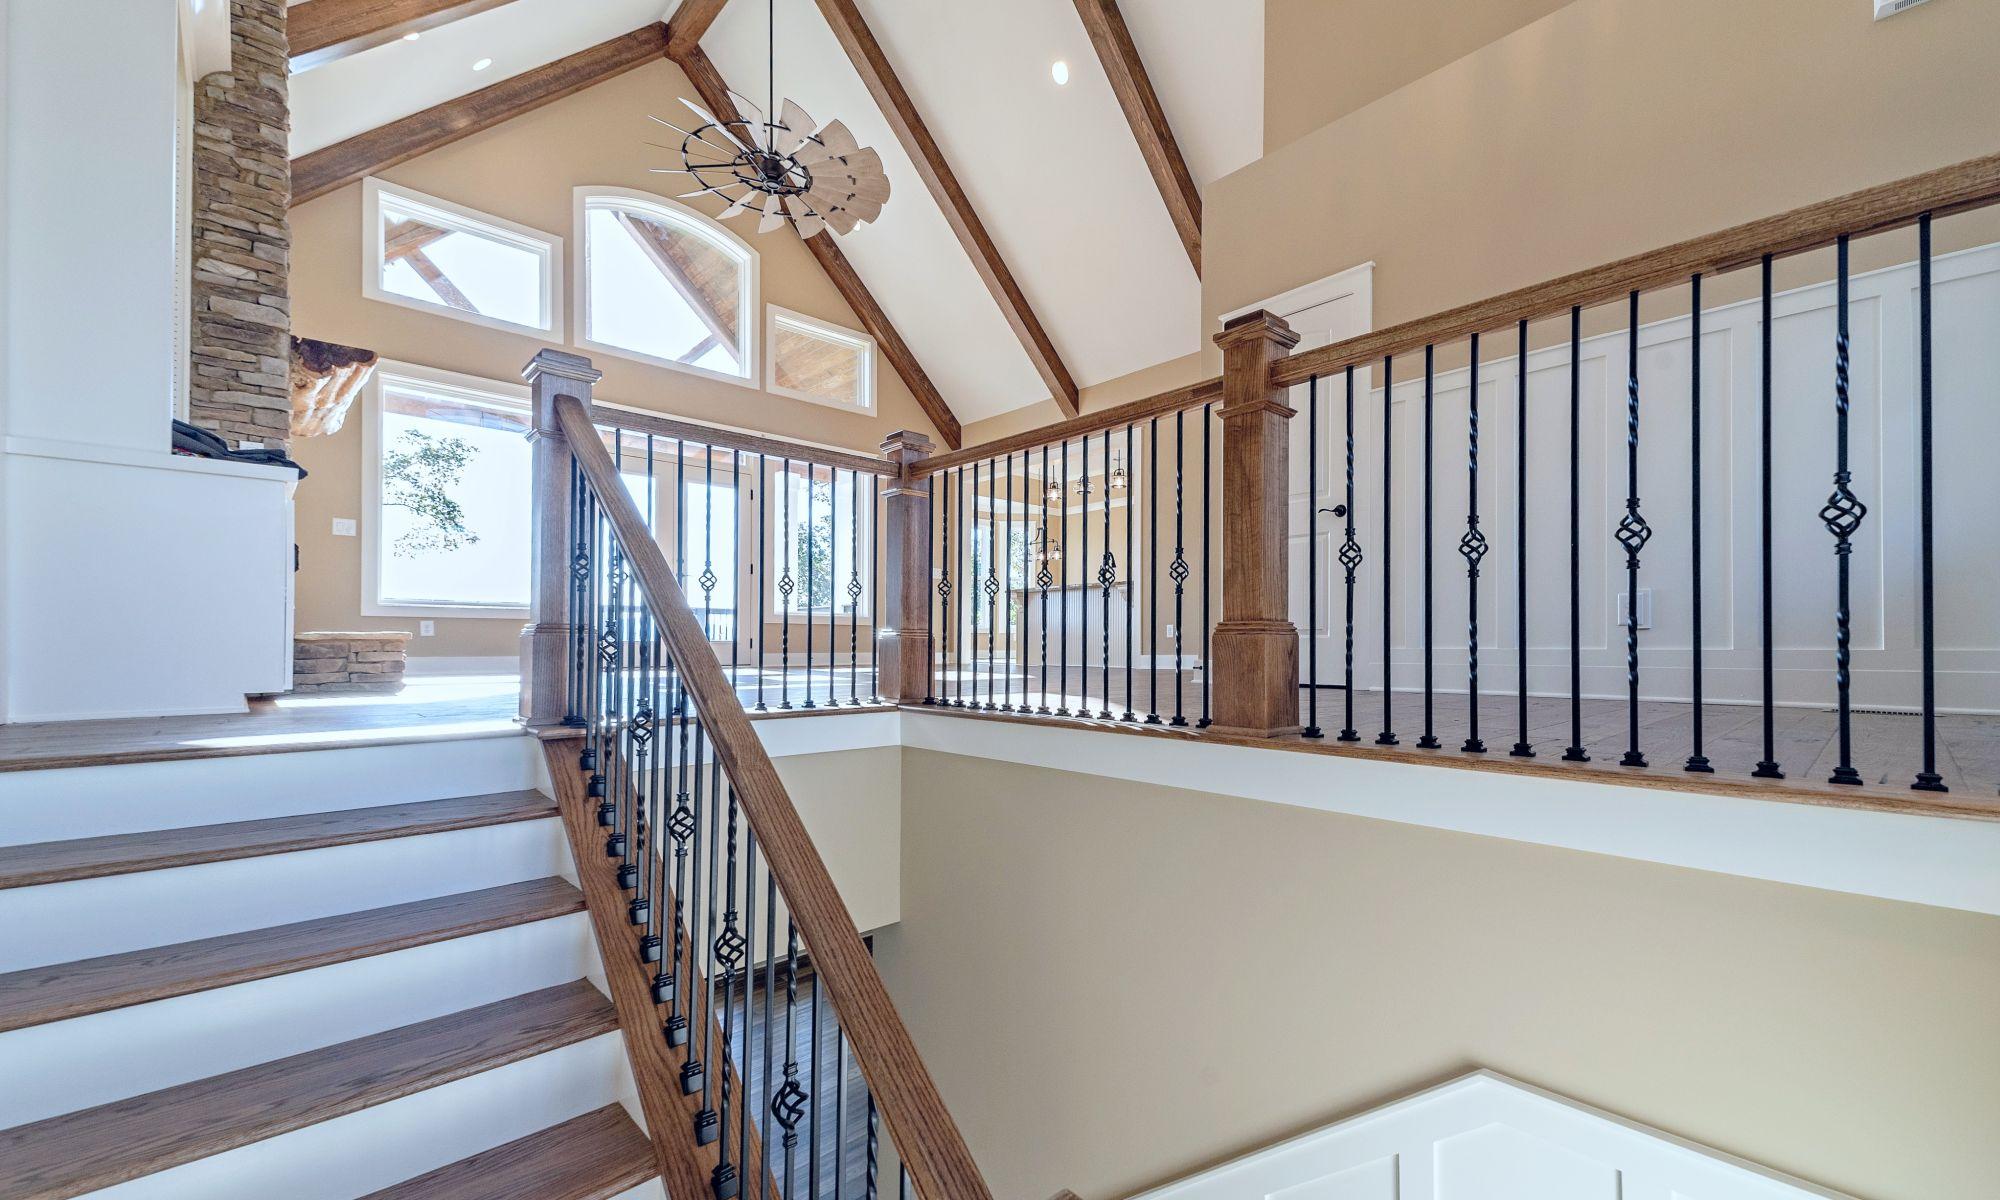 - New Single Family Home Custom Construction